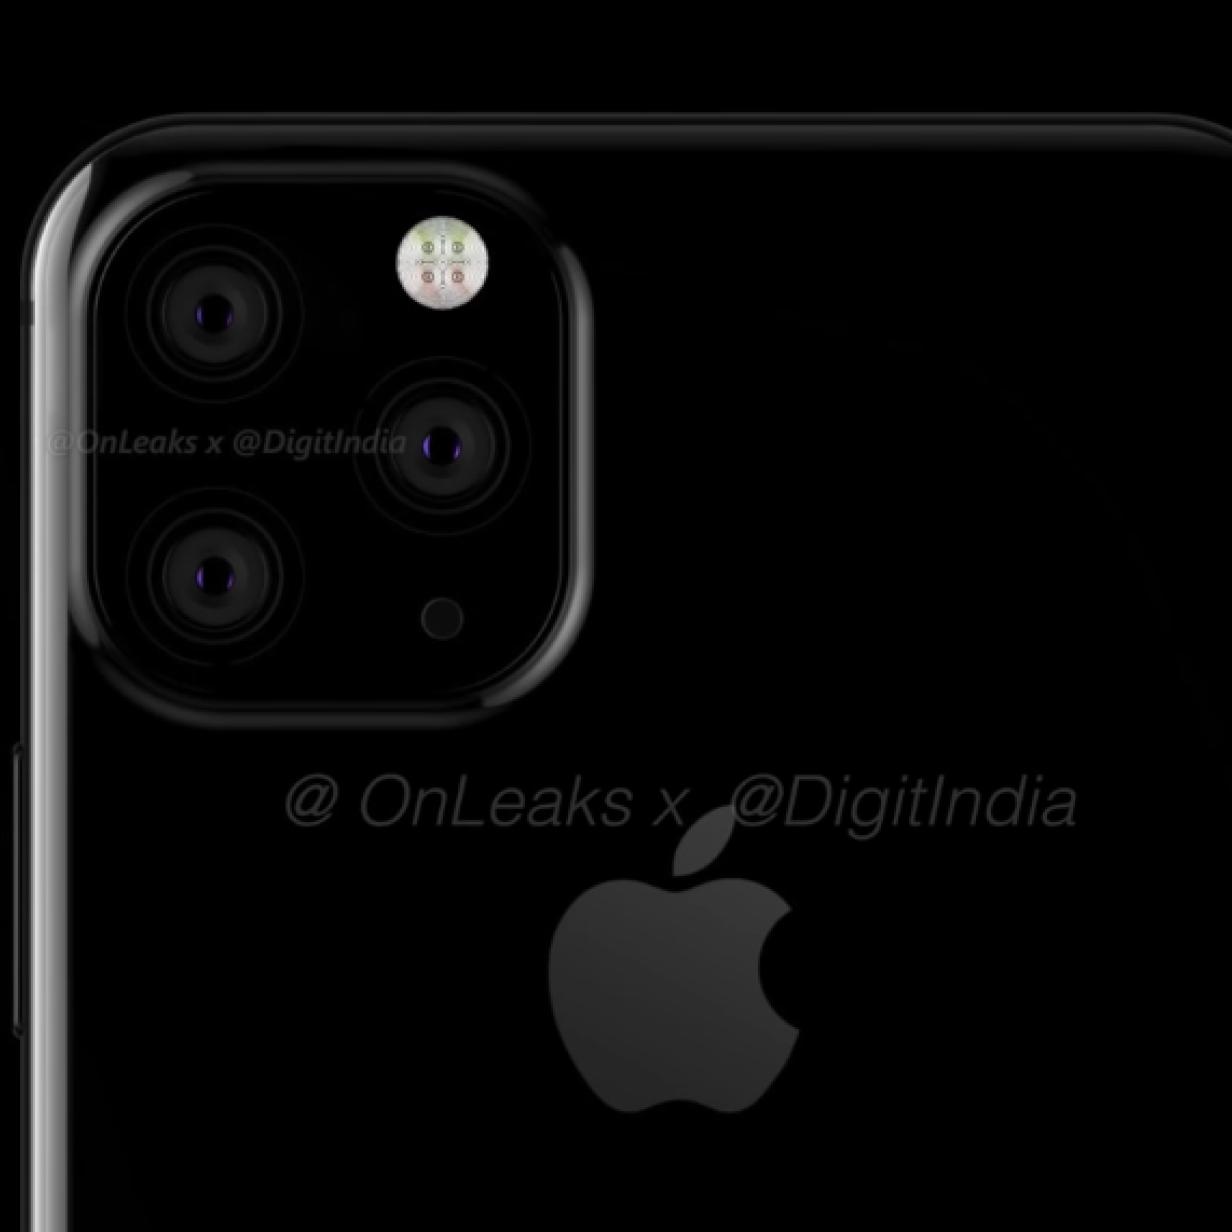 Neuer Leak soll Design von iPhone 11 verraten